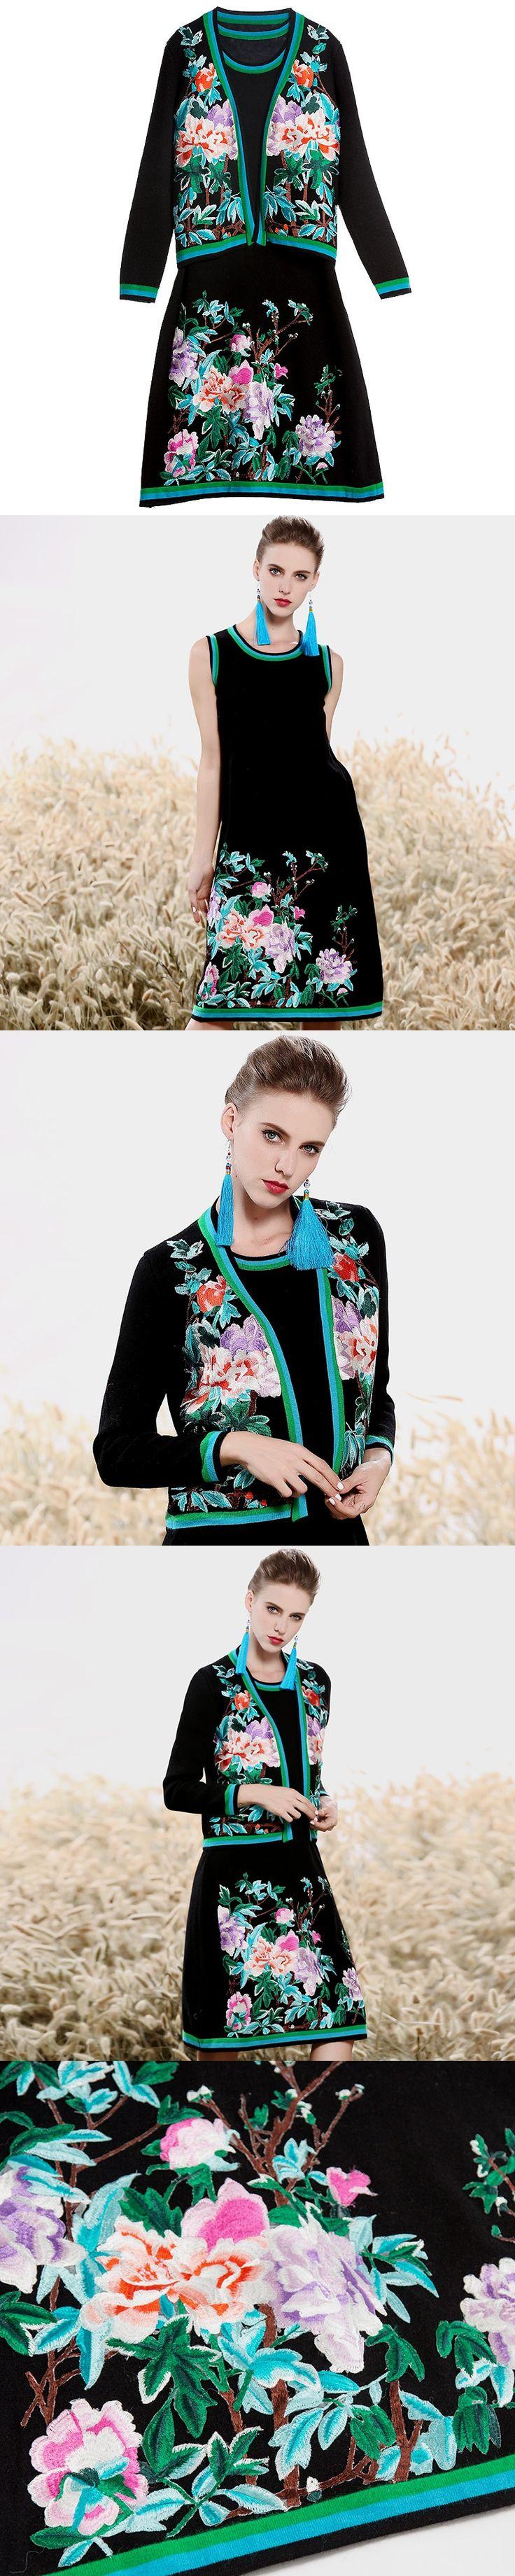 Women Mink cashmere suit set royal embroidery vest dress + wool knit floral Cardigan coat 2 pieces elegant lady suit female M-XL